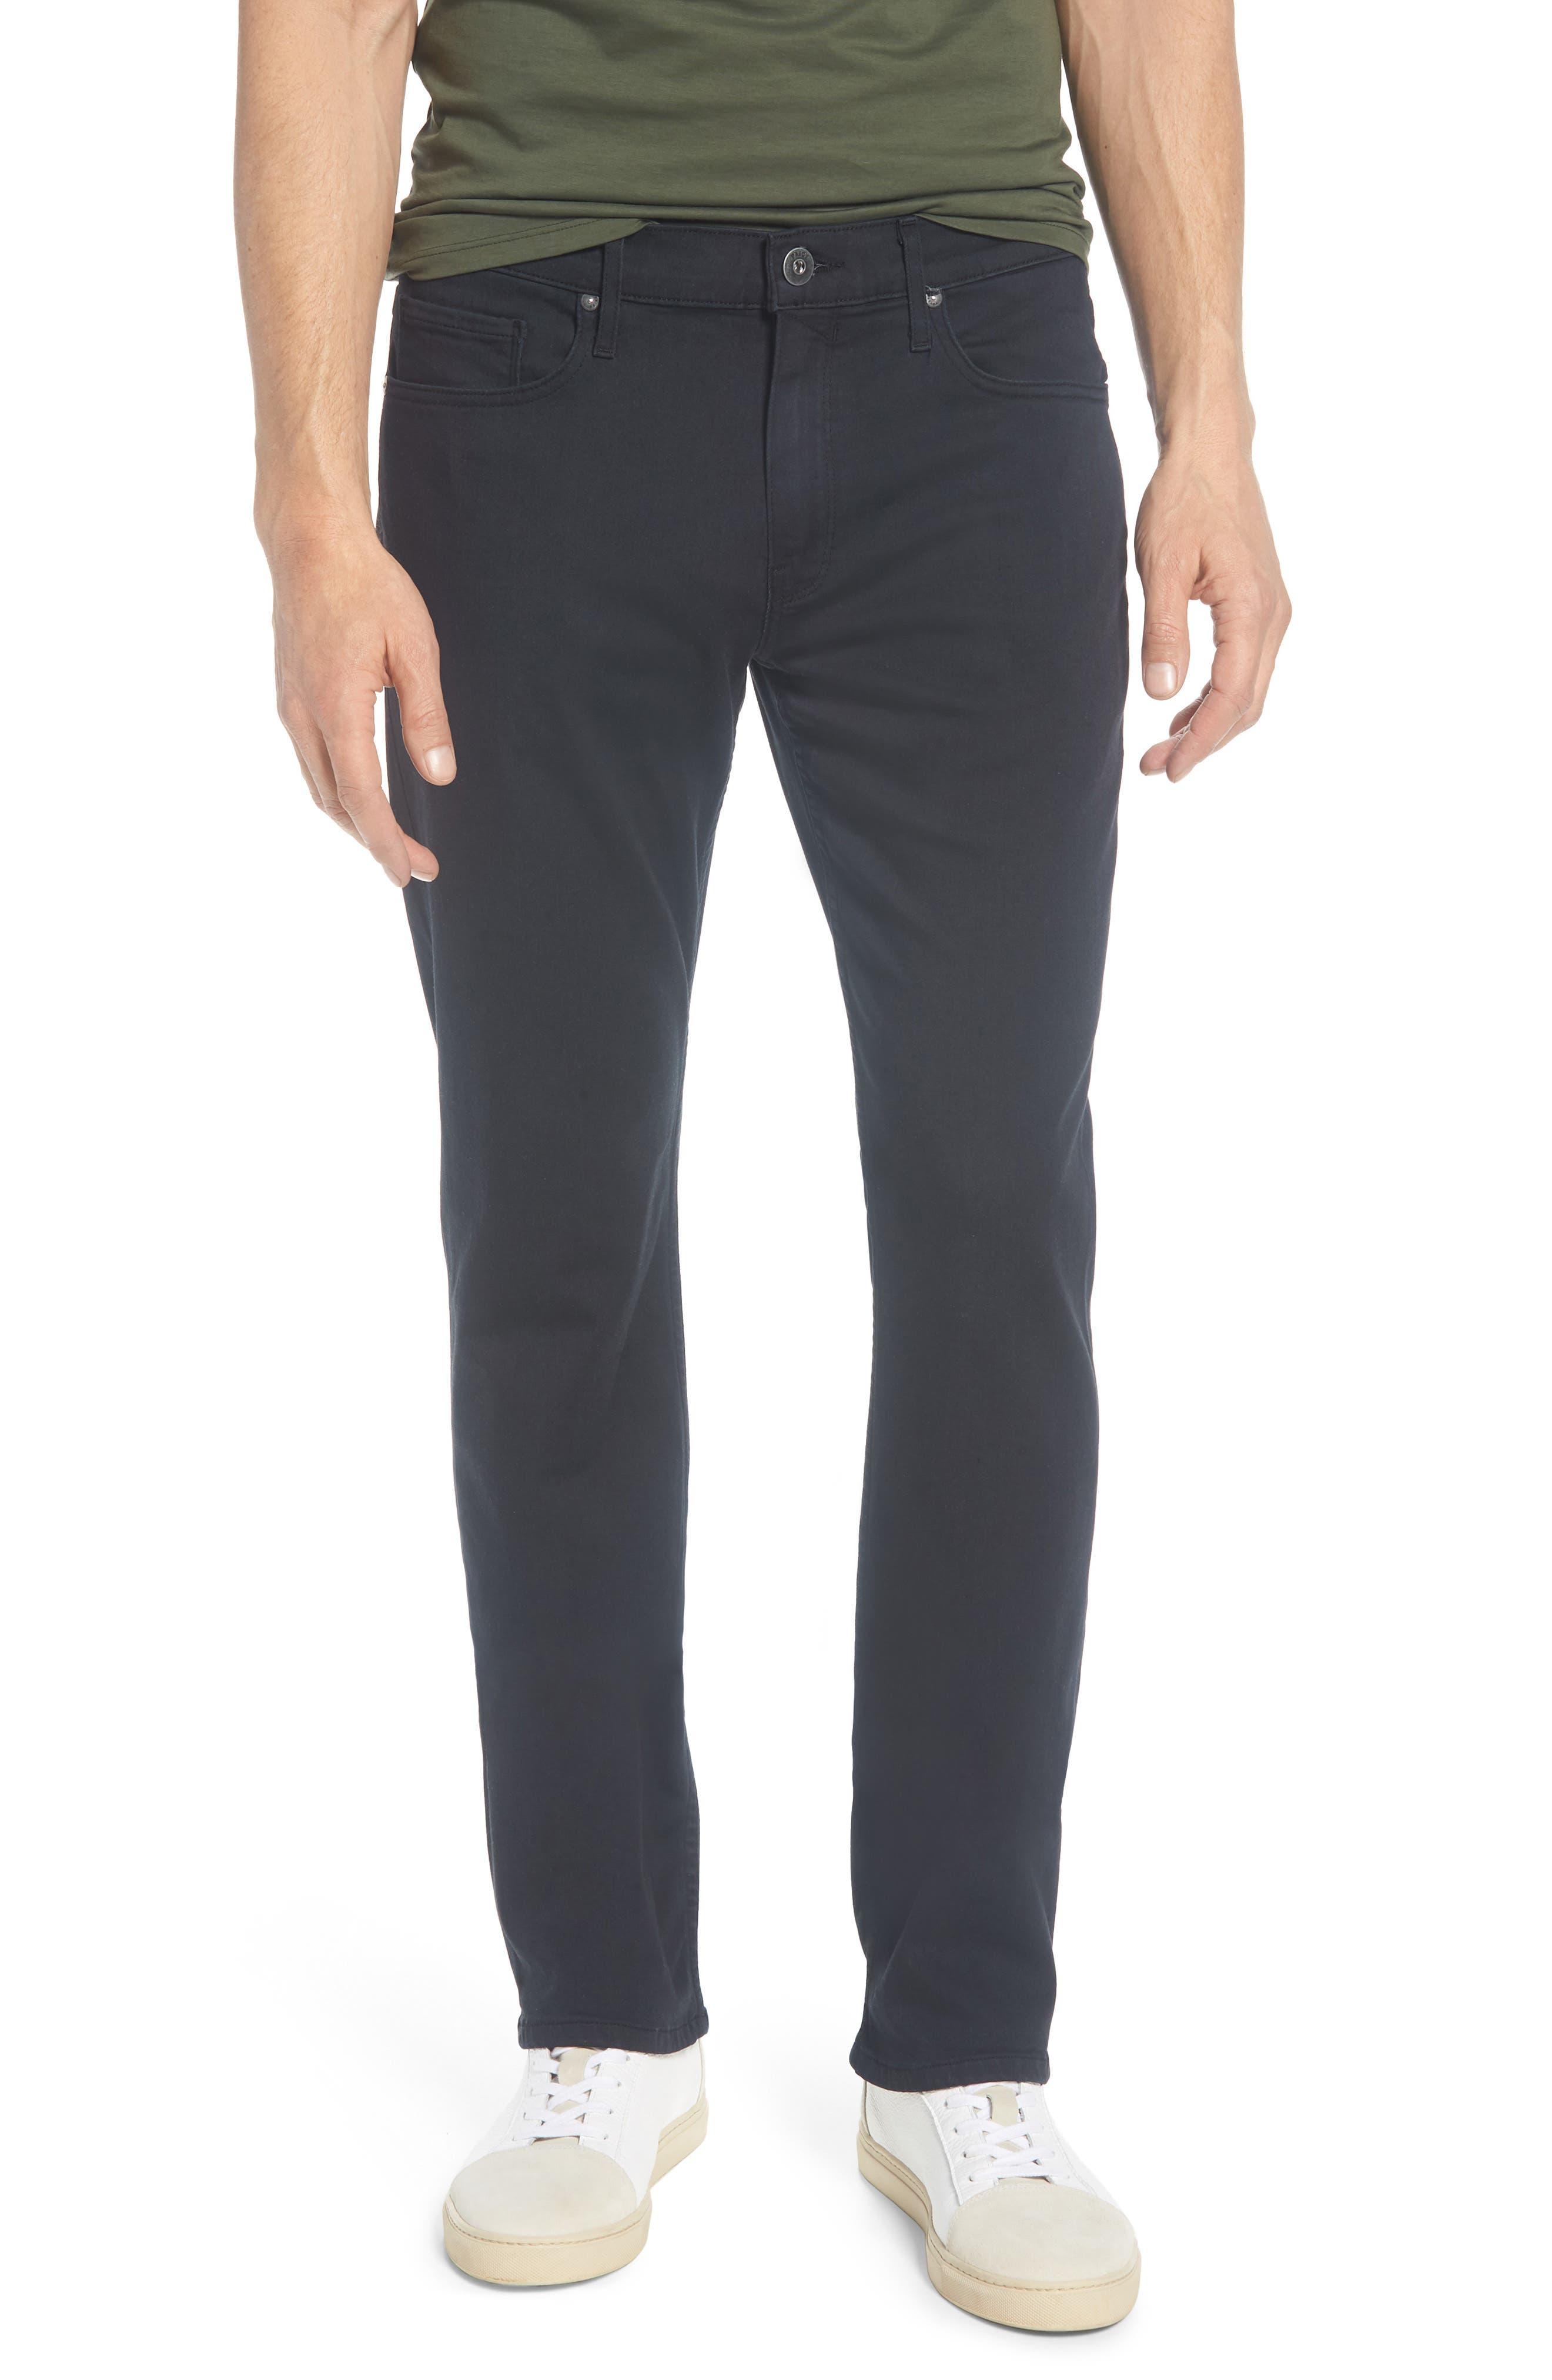 PAIGE,                             Normandie Straight Leg Jeans,                             Main thumbnail 1, color,                             400